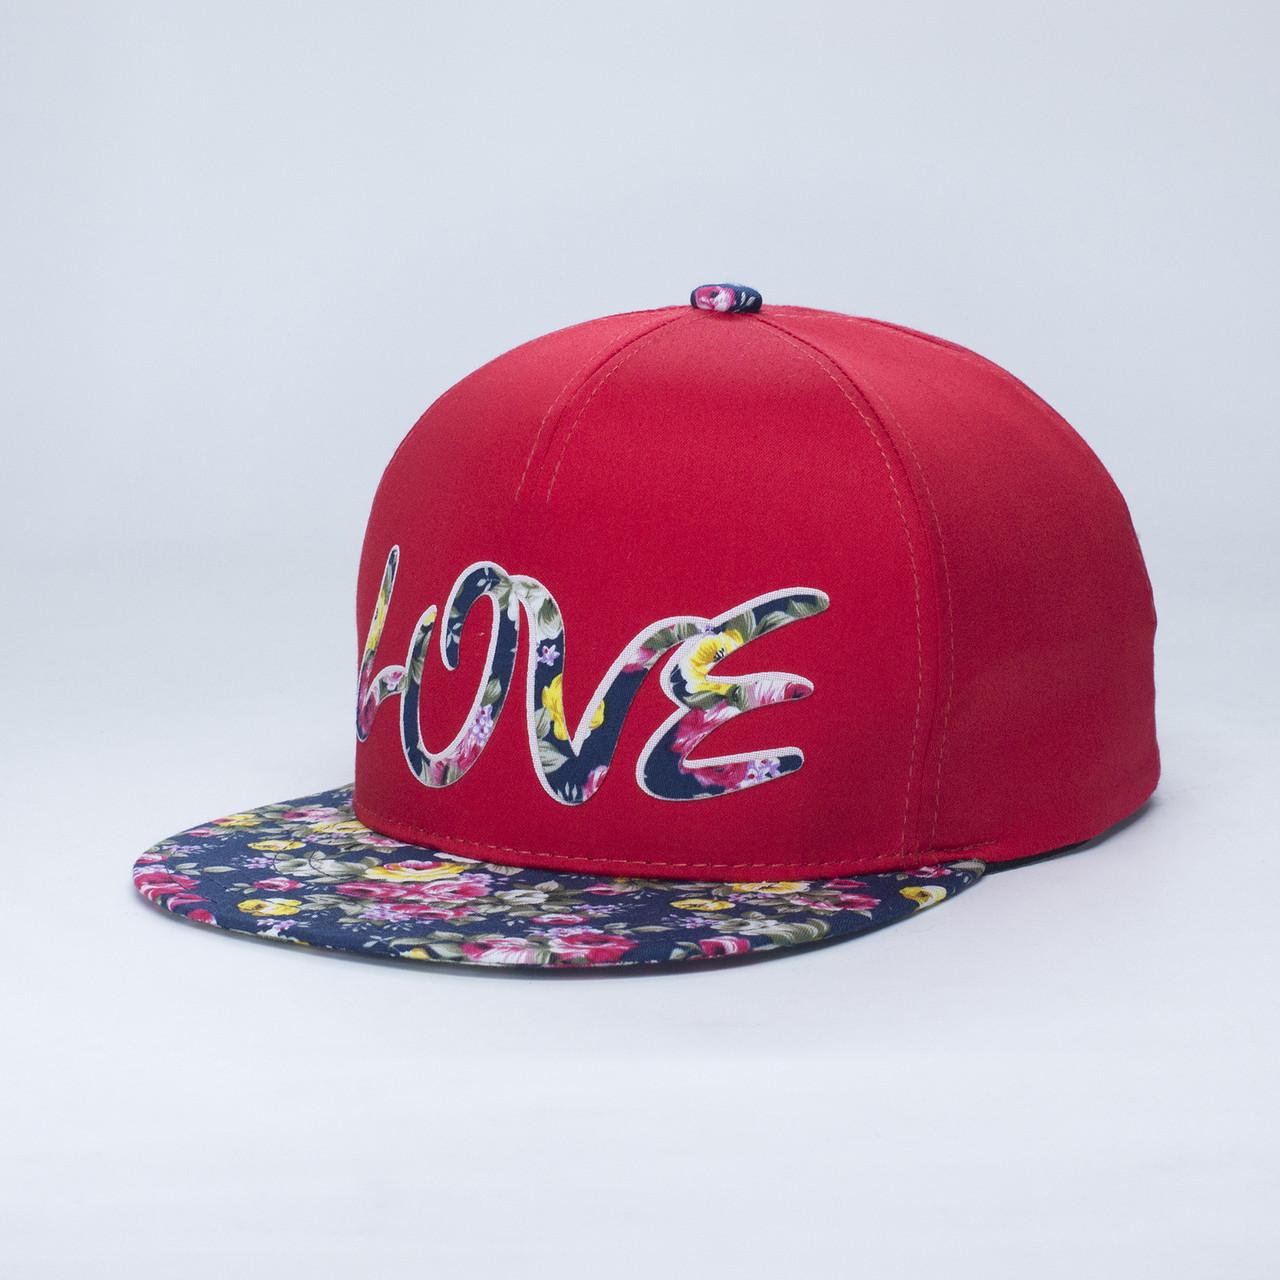 Детская кепка бейсболка для девочки 3-16 лет INAL love XS / 51-52 RU Красный 48051